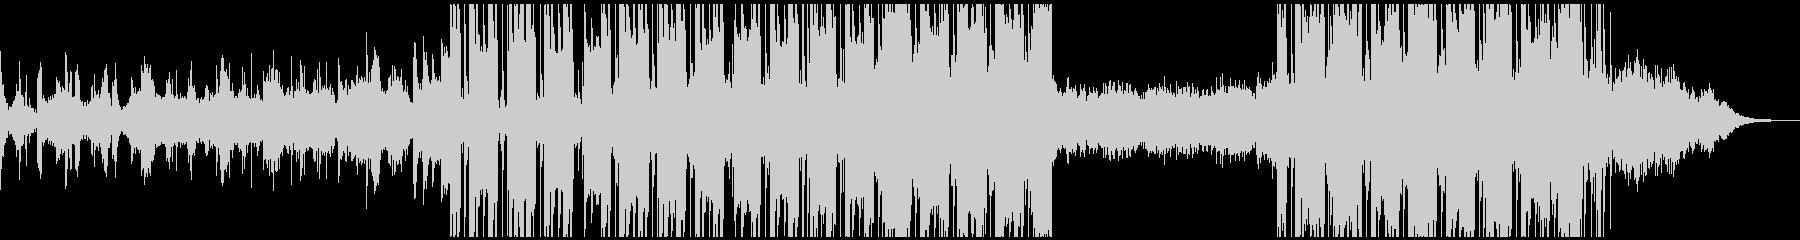 ドラム & ベース ジャングル 広...の未再生の波形